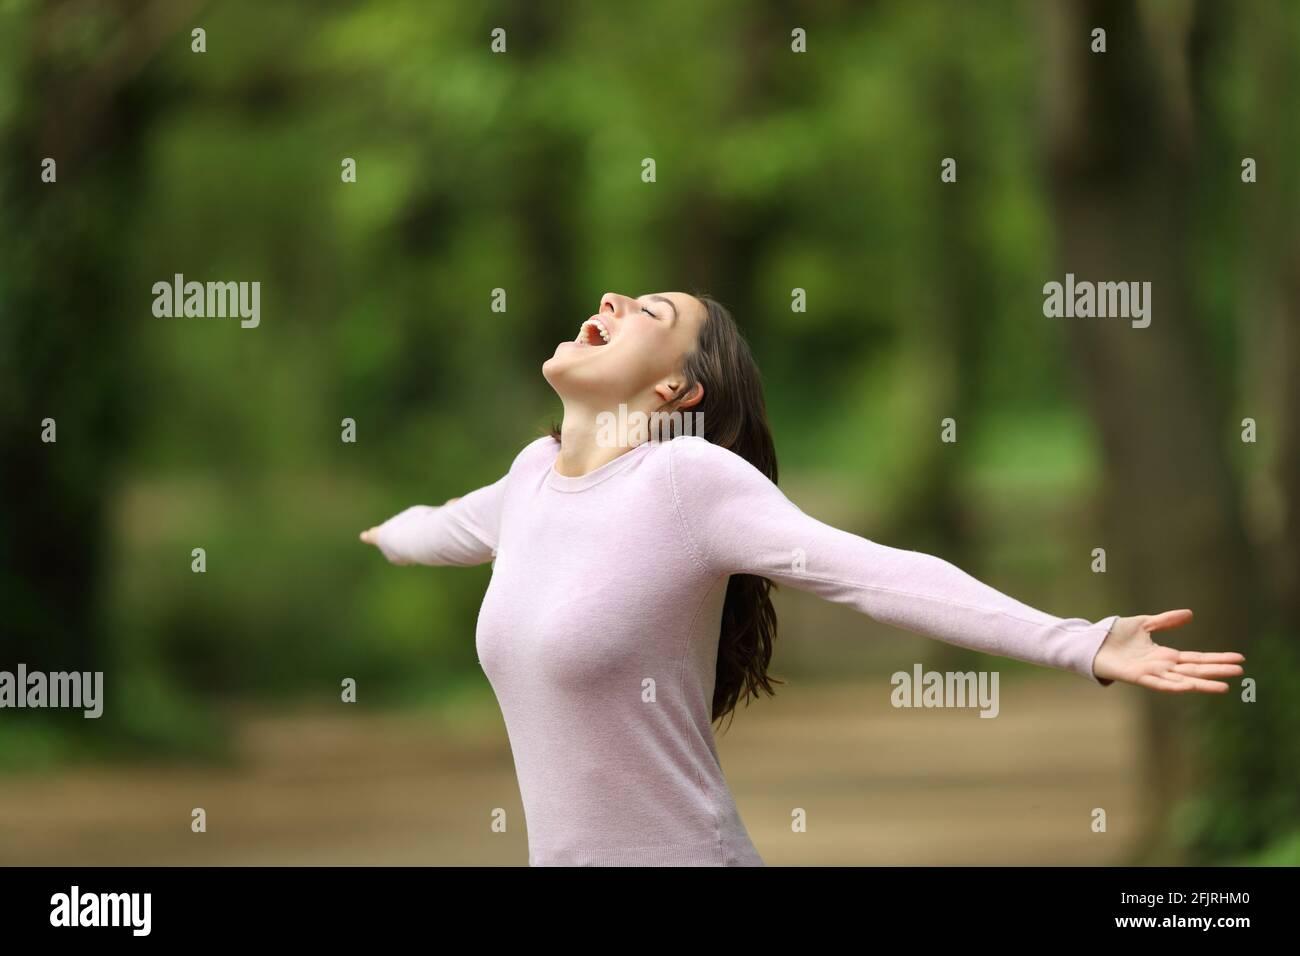 Une femme excitée qui se dépasse les bras et qui crie dans une forêt célébrant vacances Banque D'Images